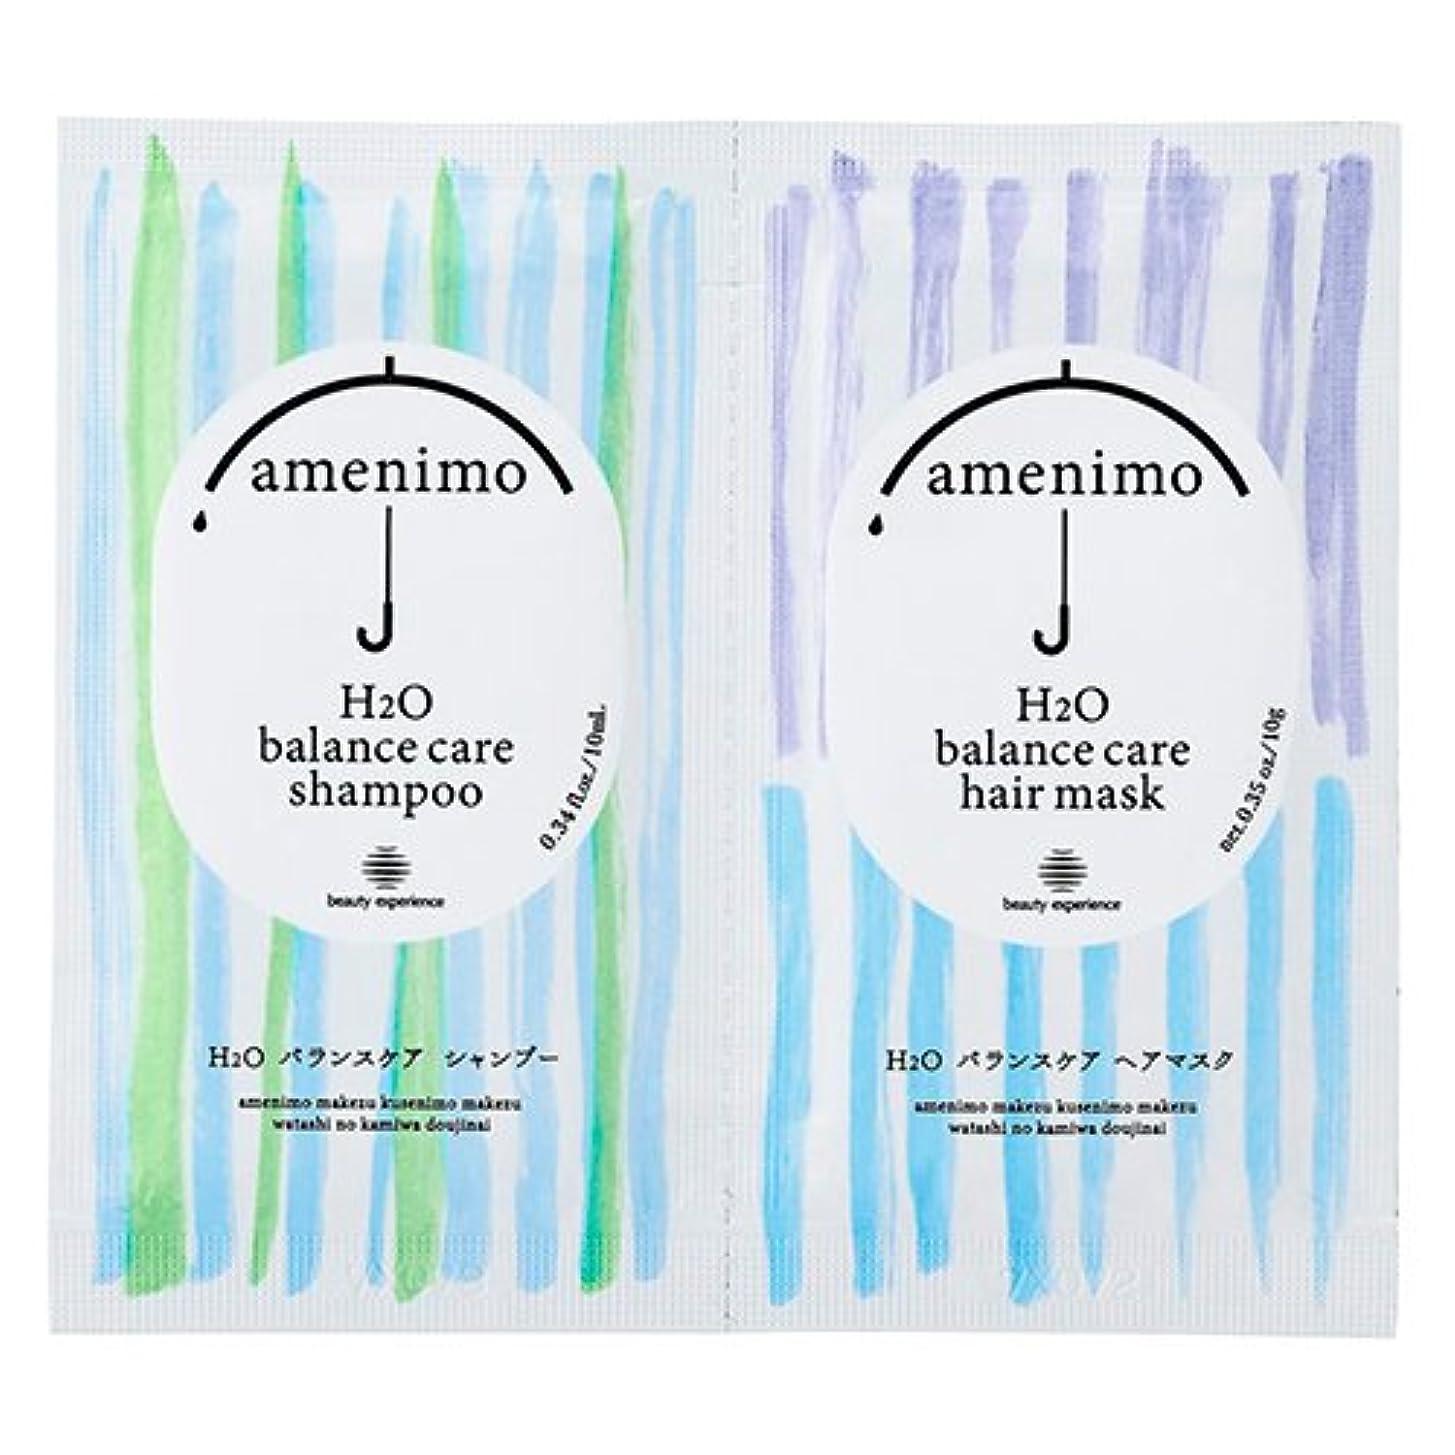 橋脚放送レタッチamenimo(アメニモ) H2O バランスケア シャンプー&ヘアマスク 1dayお試し 10mL+10g